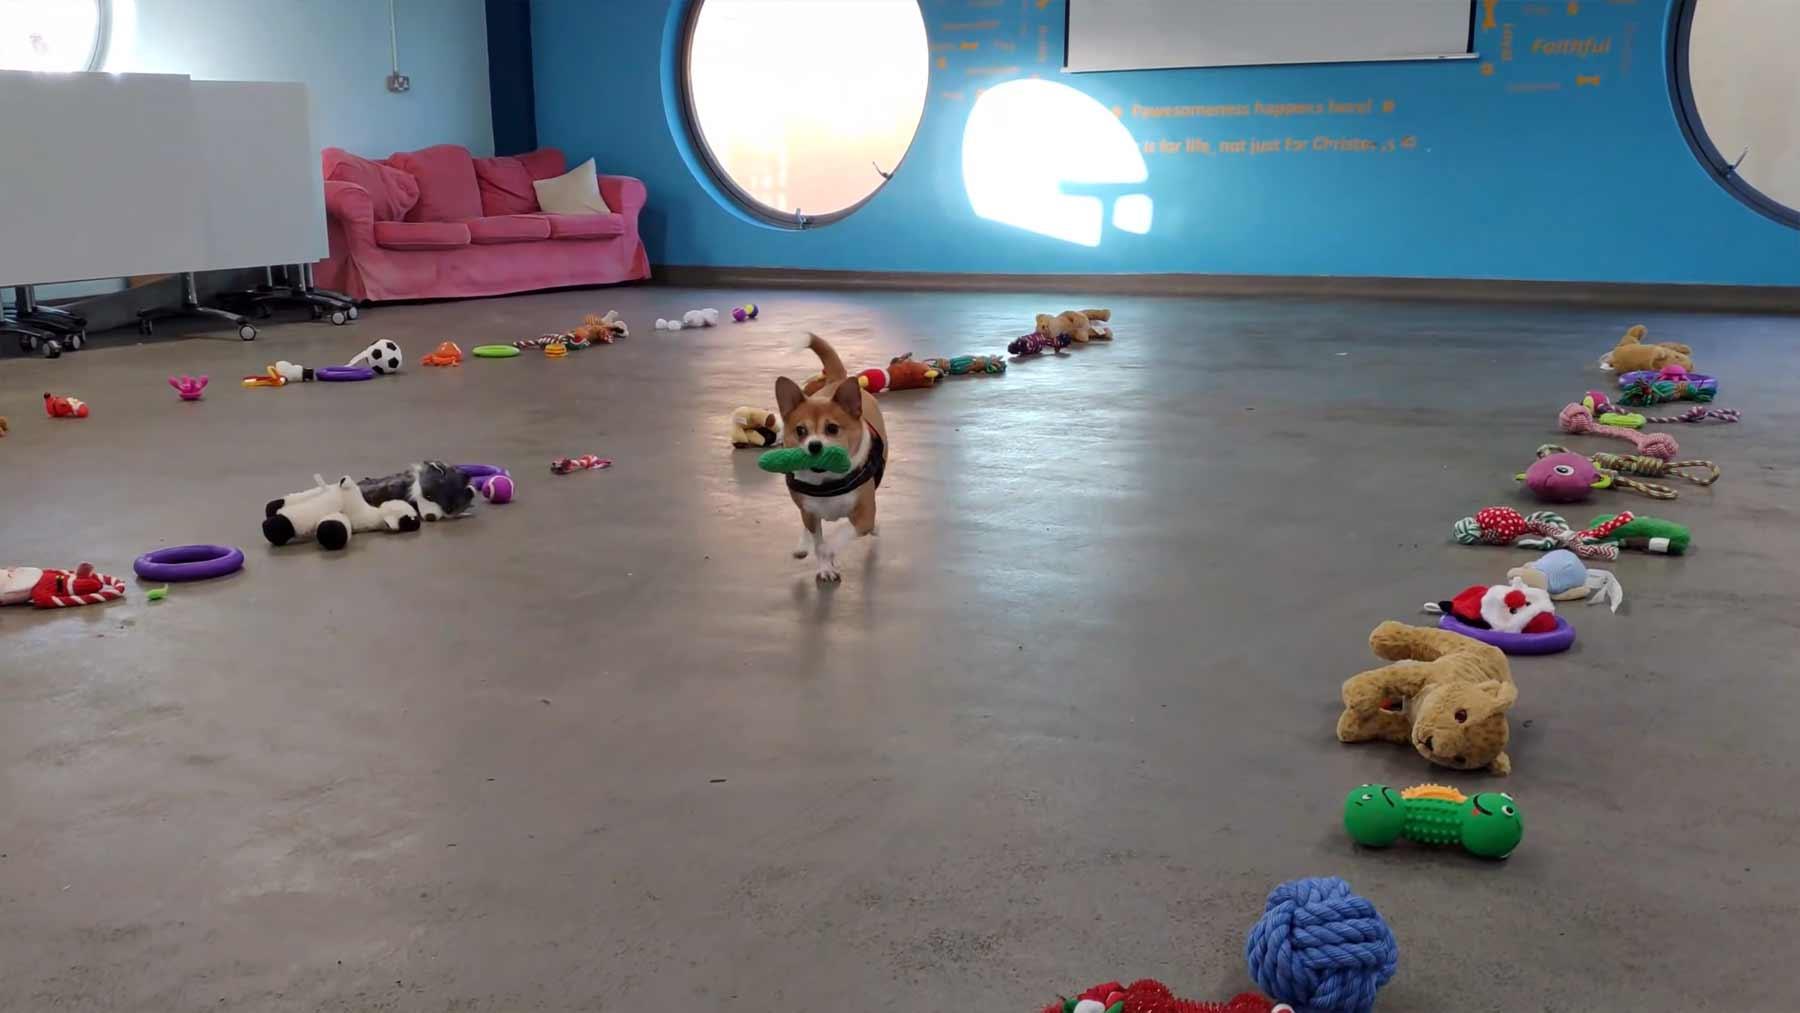 35 Tierheim-Hunde durften sich Weihnachtsgeschenke aussuchen hunde-spielzeug-aussuchen